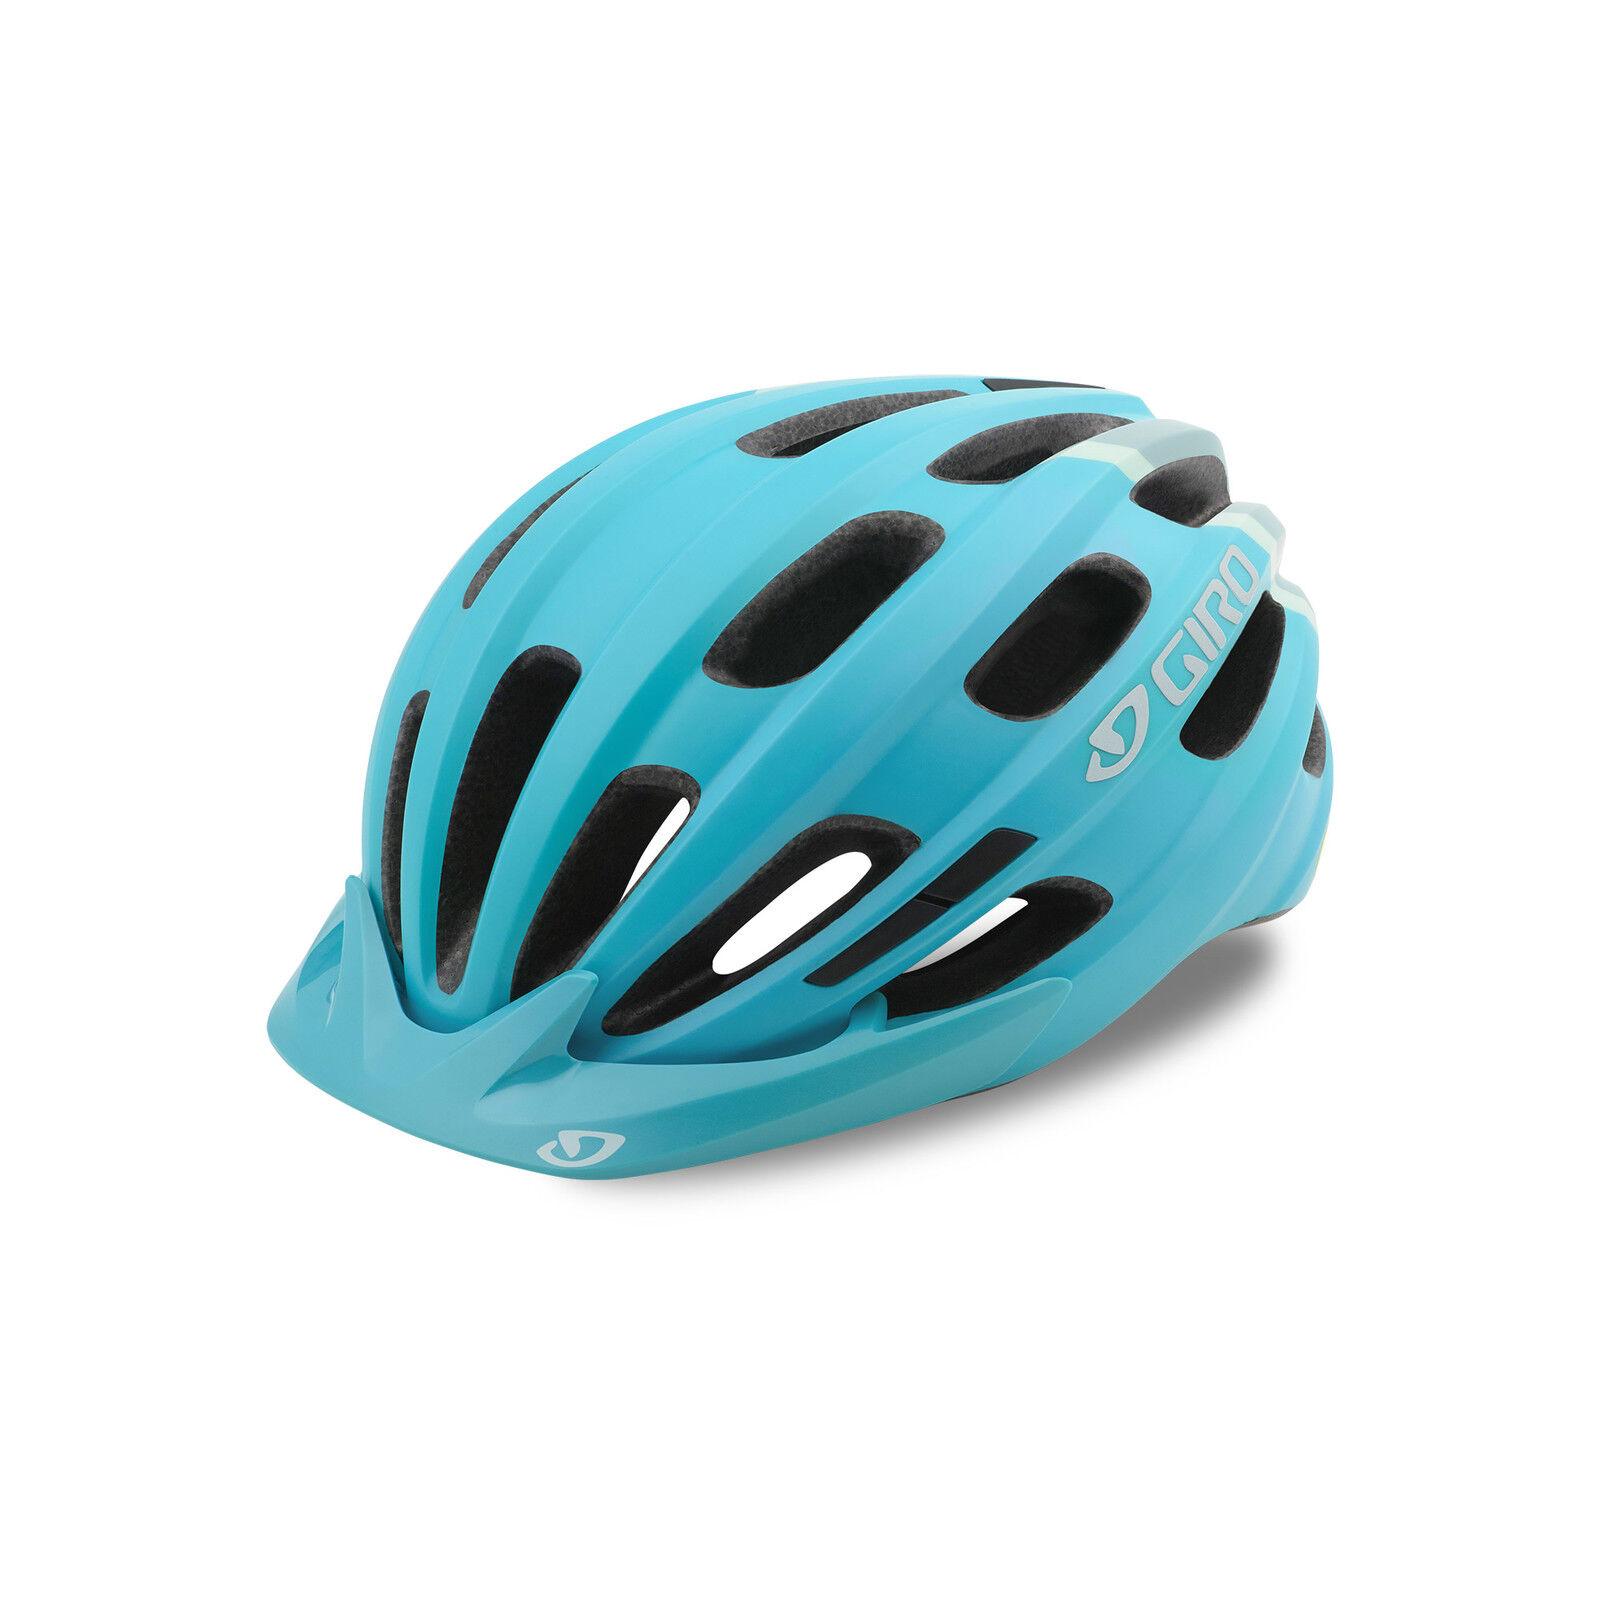 Giro Hale Jugend Fahrrad Helm Gr. 50-57cm türkis blue 2019